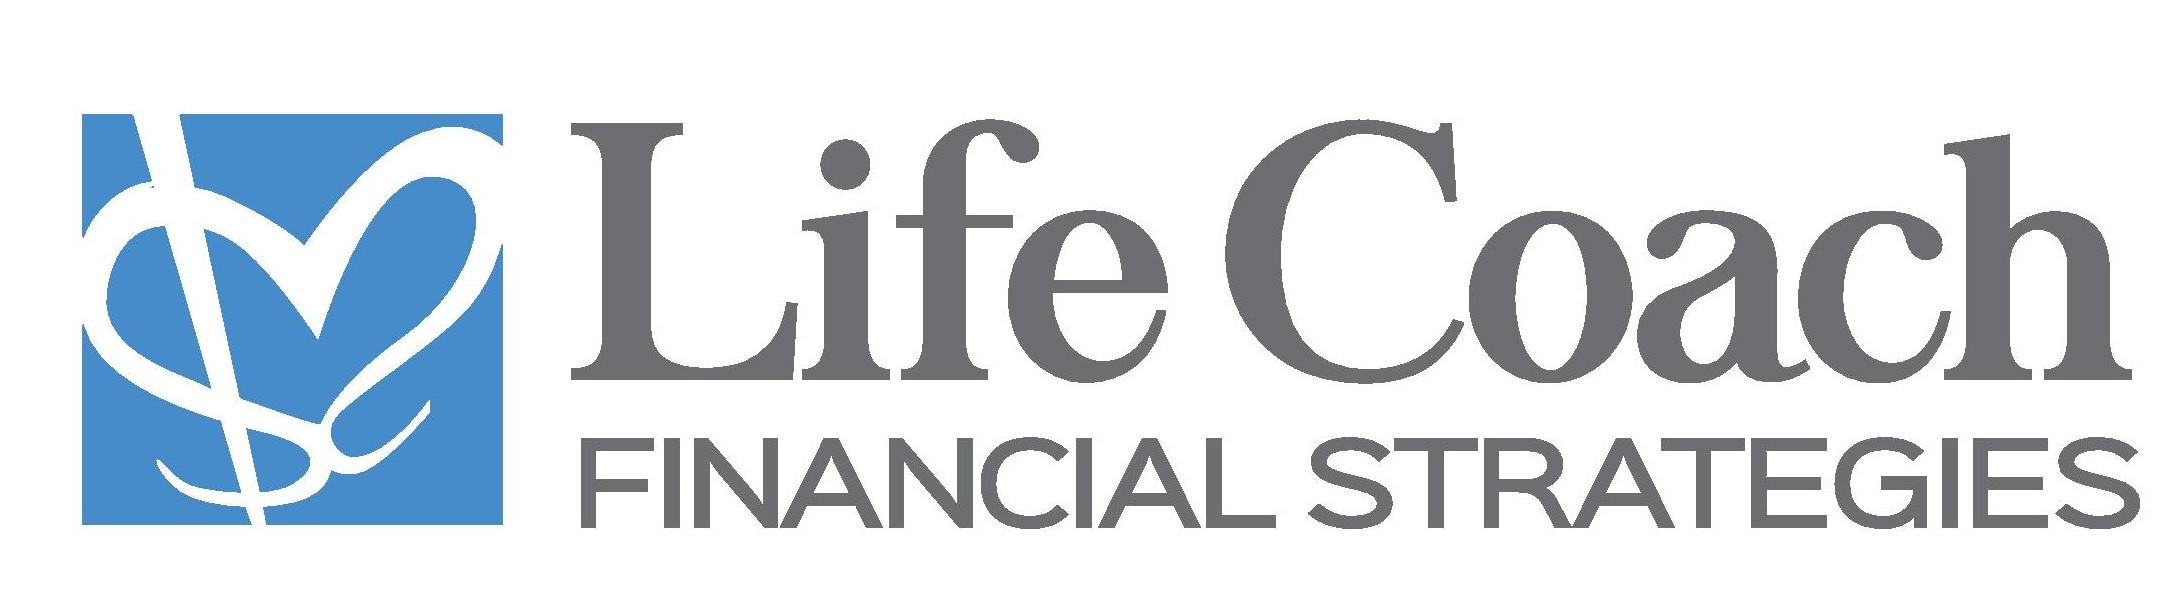 lcfs-logo